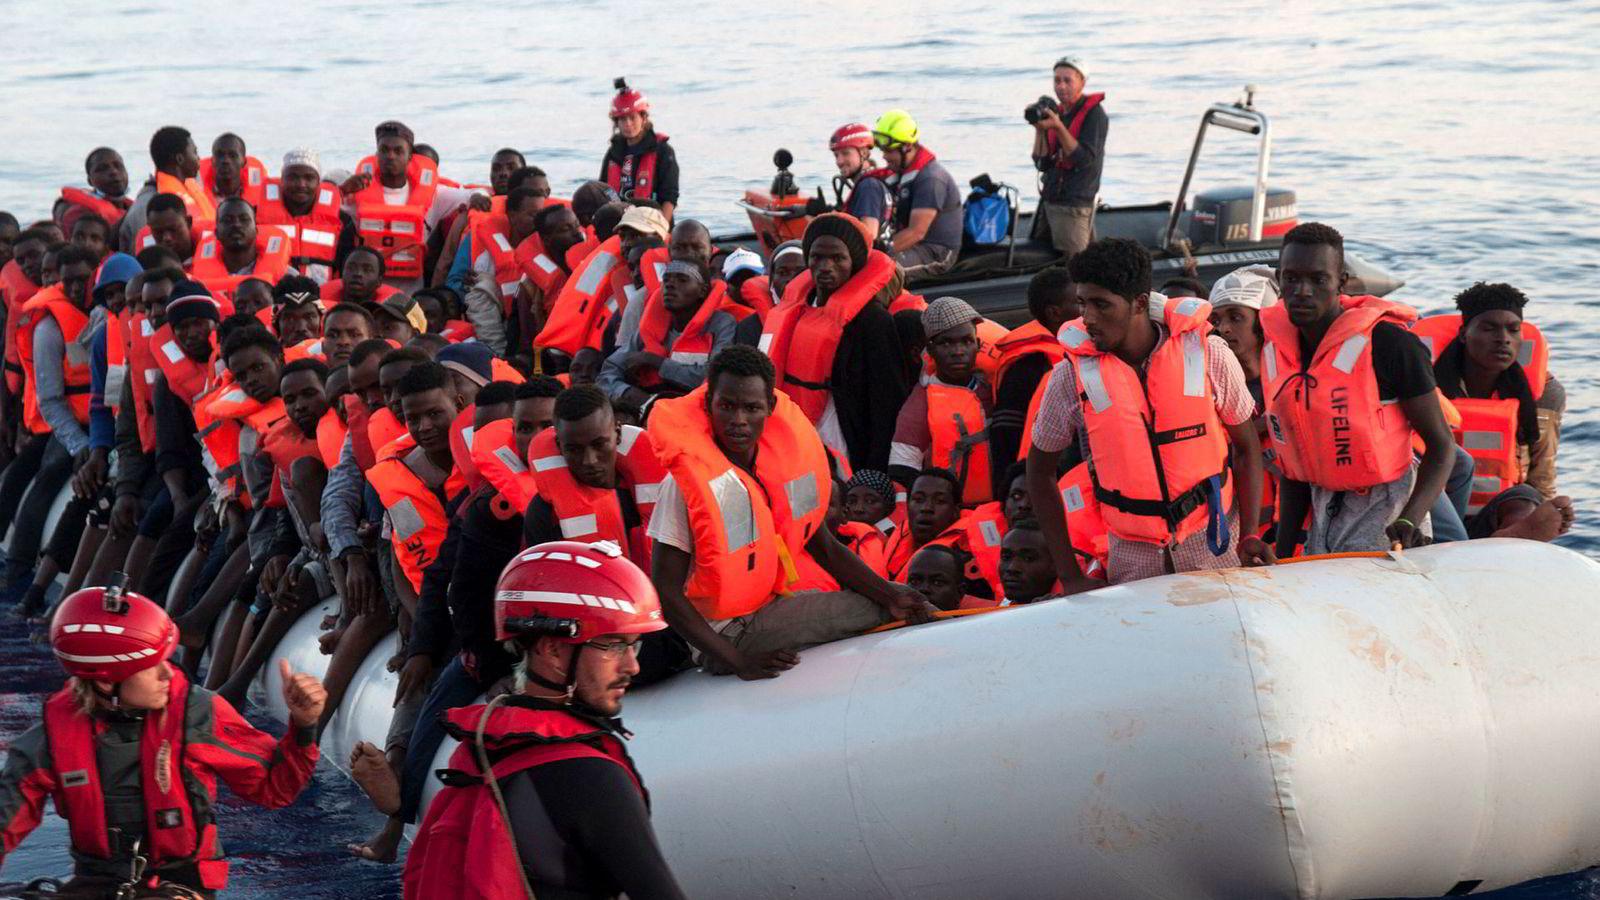 Migranter i en gummibåt blir ført over i et redningsskip i Middelhavet tidligere denne måneden.